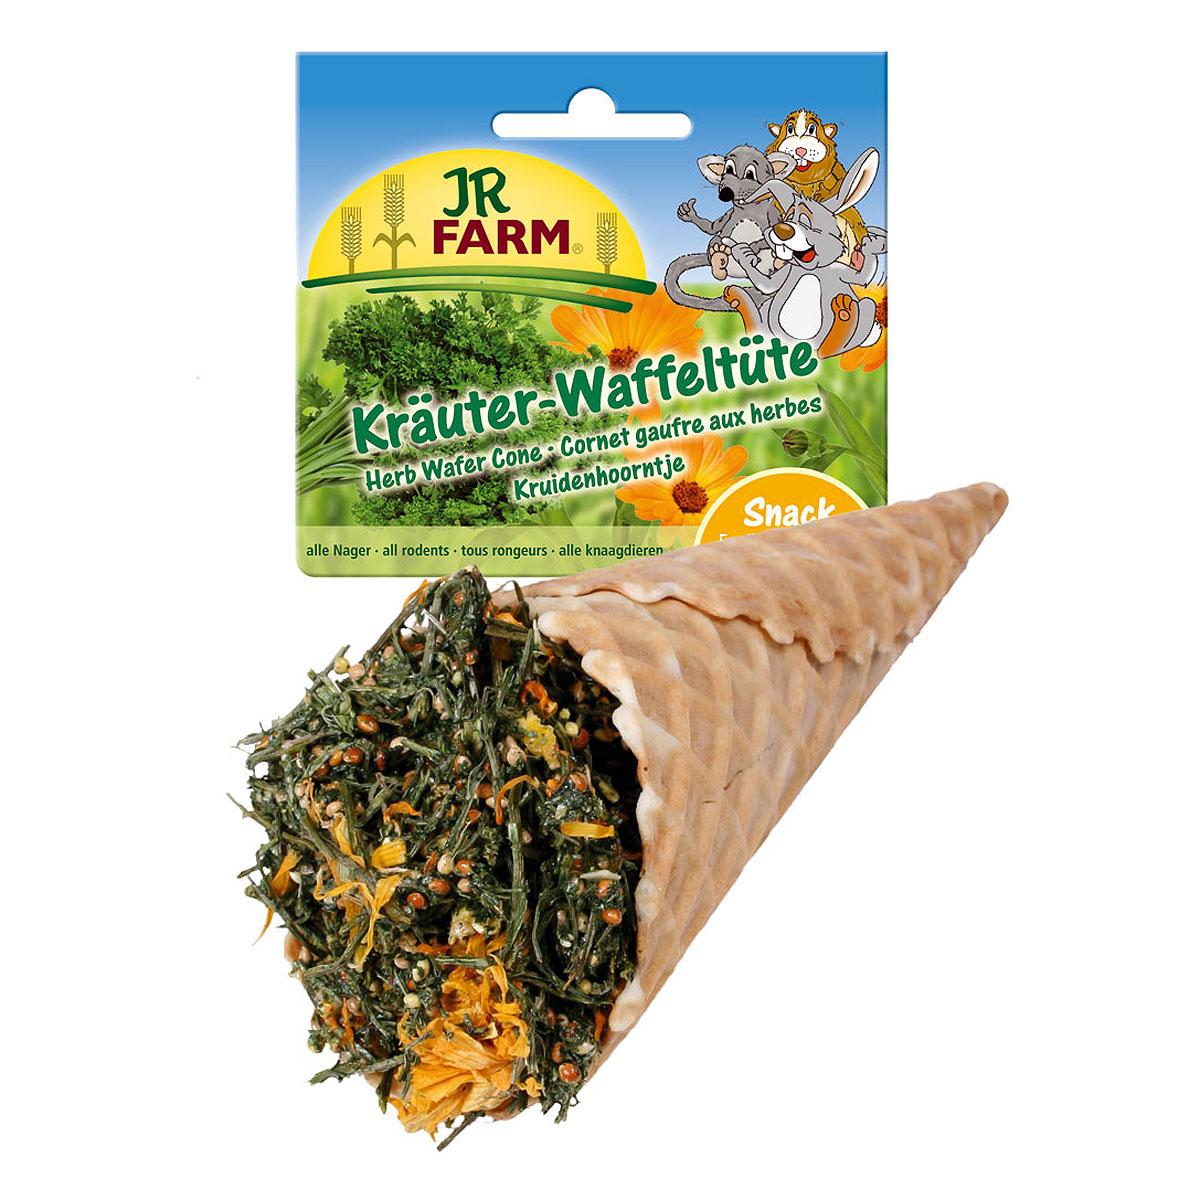 Лакомство для грызунов JR Farm Травы ассорти в вафельном рожке, 60 г10889Лакомство для грызунов JR Farm Травы ассорти в вафельном рожке - дополнительный корм для карликовых кроликов, морских свинок, крыс, хомяков, дегу, мышей и шиншилл. Имеется специальный держатель для крепления лакомства на клетку. Состав: вафельный рожок, петрушка, желтое просо, красное просо, кукурузные хлопья, крахмал. Вес: 60 г. Товар сертифицирован.